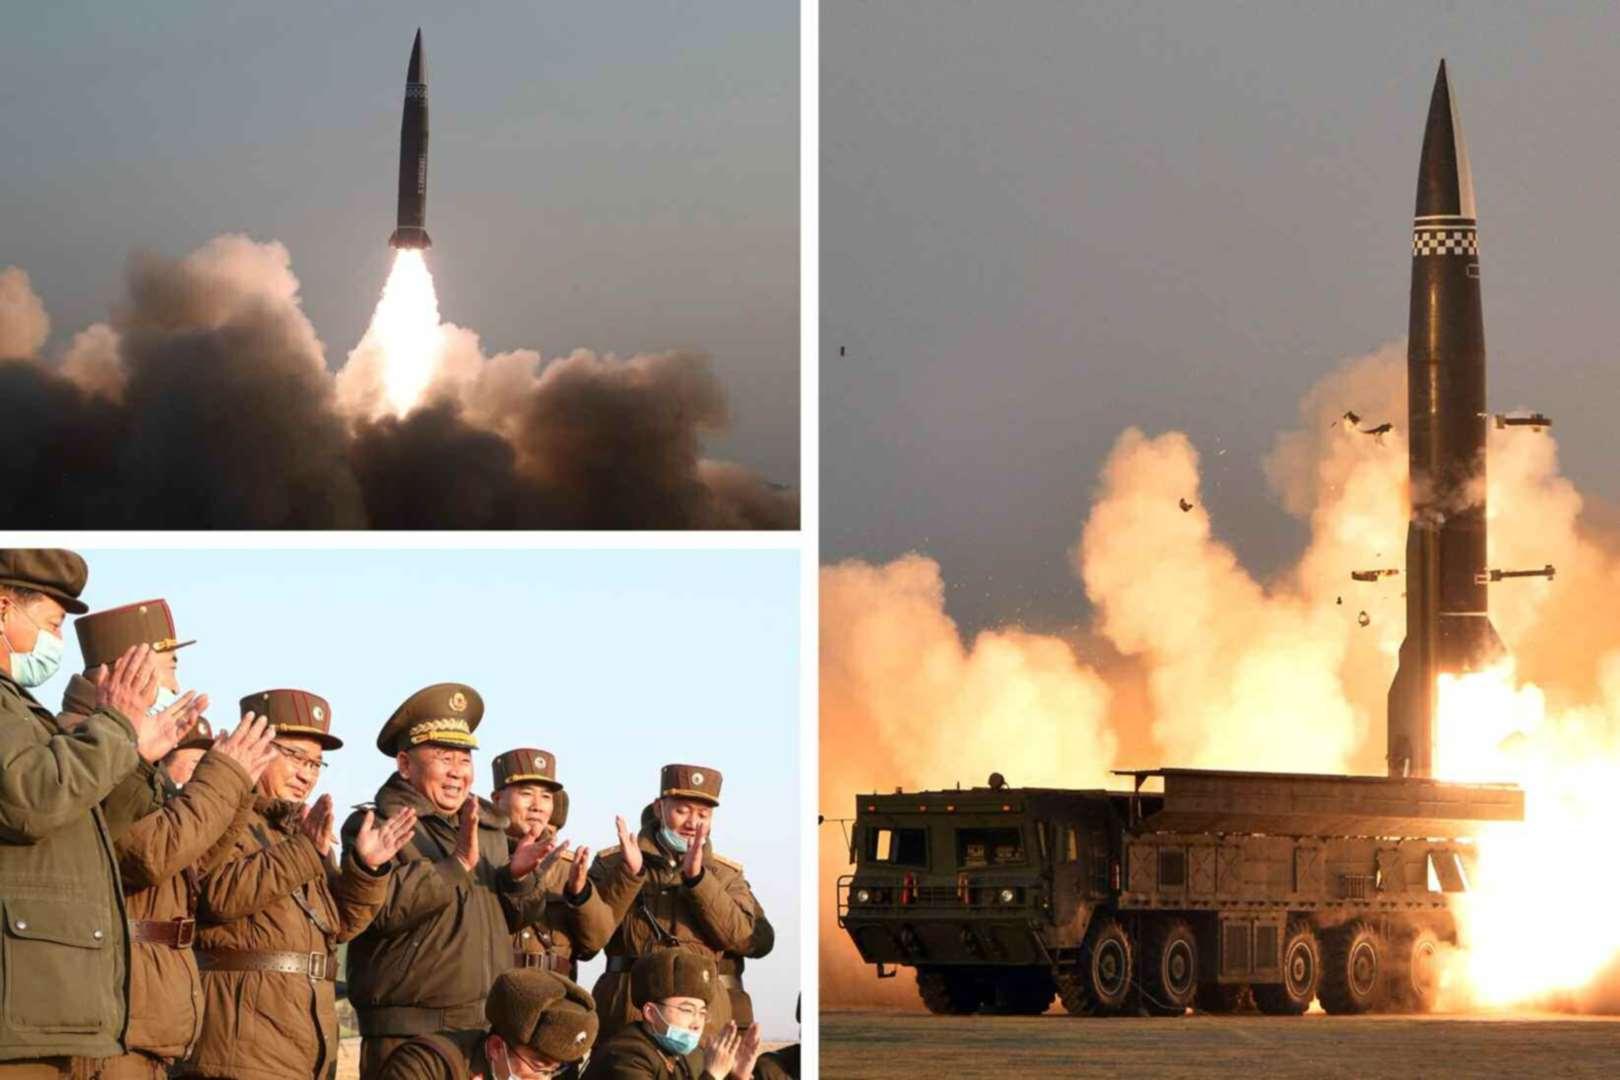 Triều Tiên tung ảnh phóng tên lửa mới có đầu đạn 2,5 tấn sau khi ông Biden cảnh báo - 1